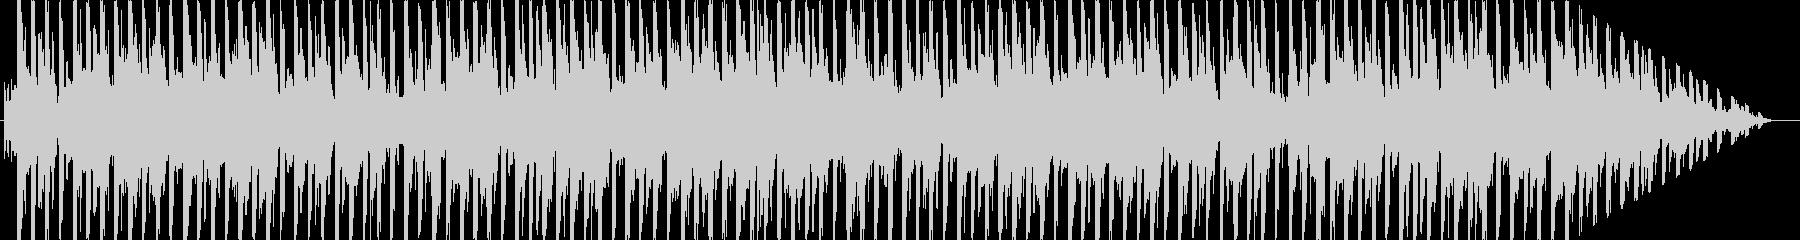 ポップ。 80年代のキャッチー。の未再生の波形